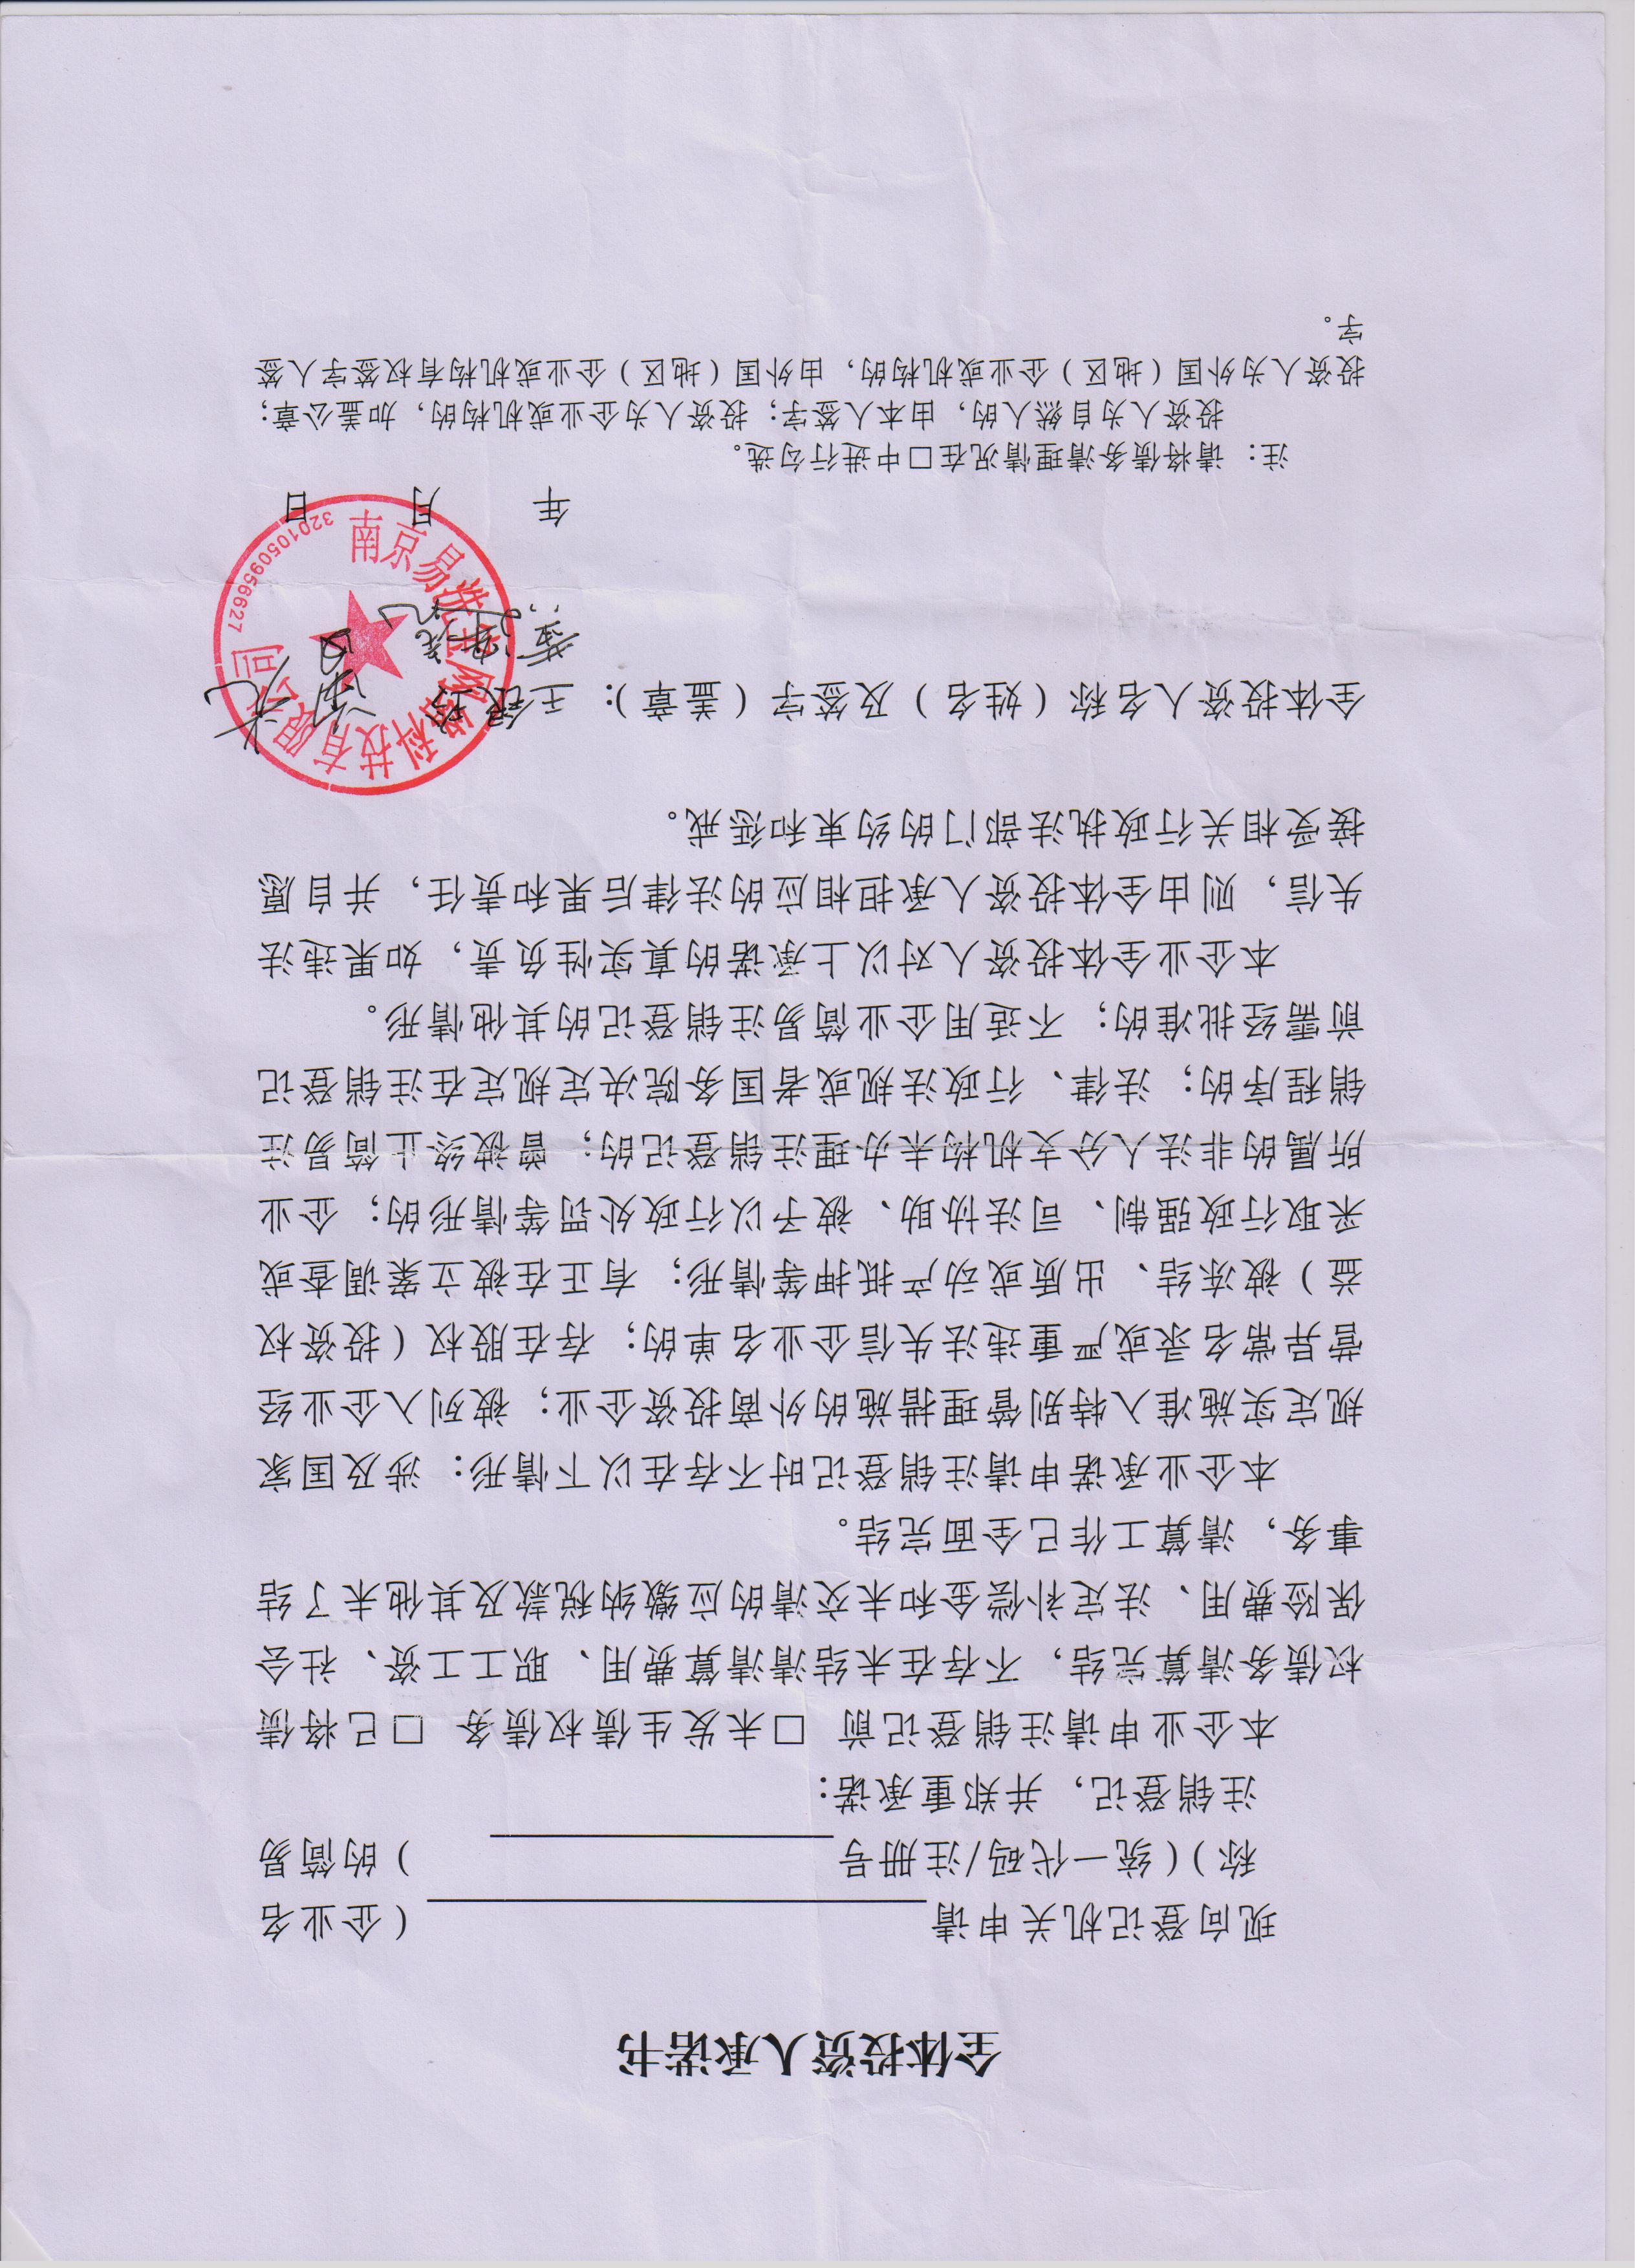 南京易洗宝网络科技有限公司